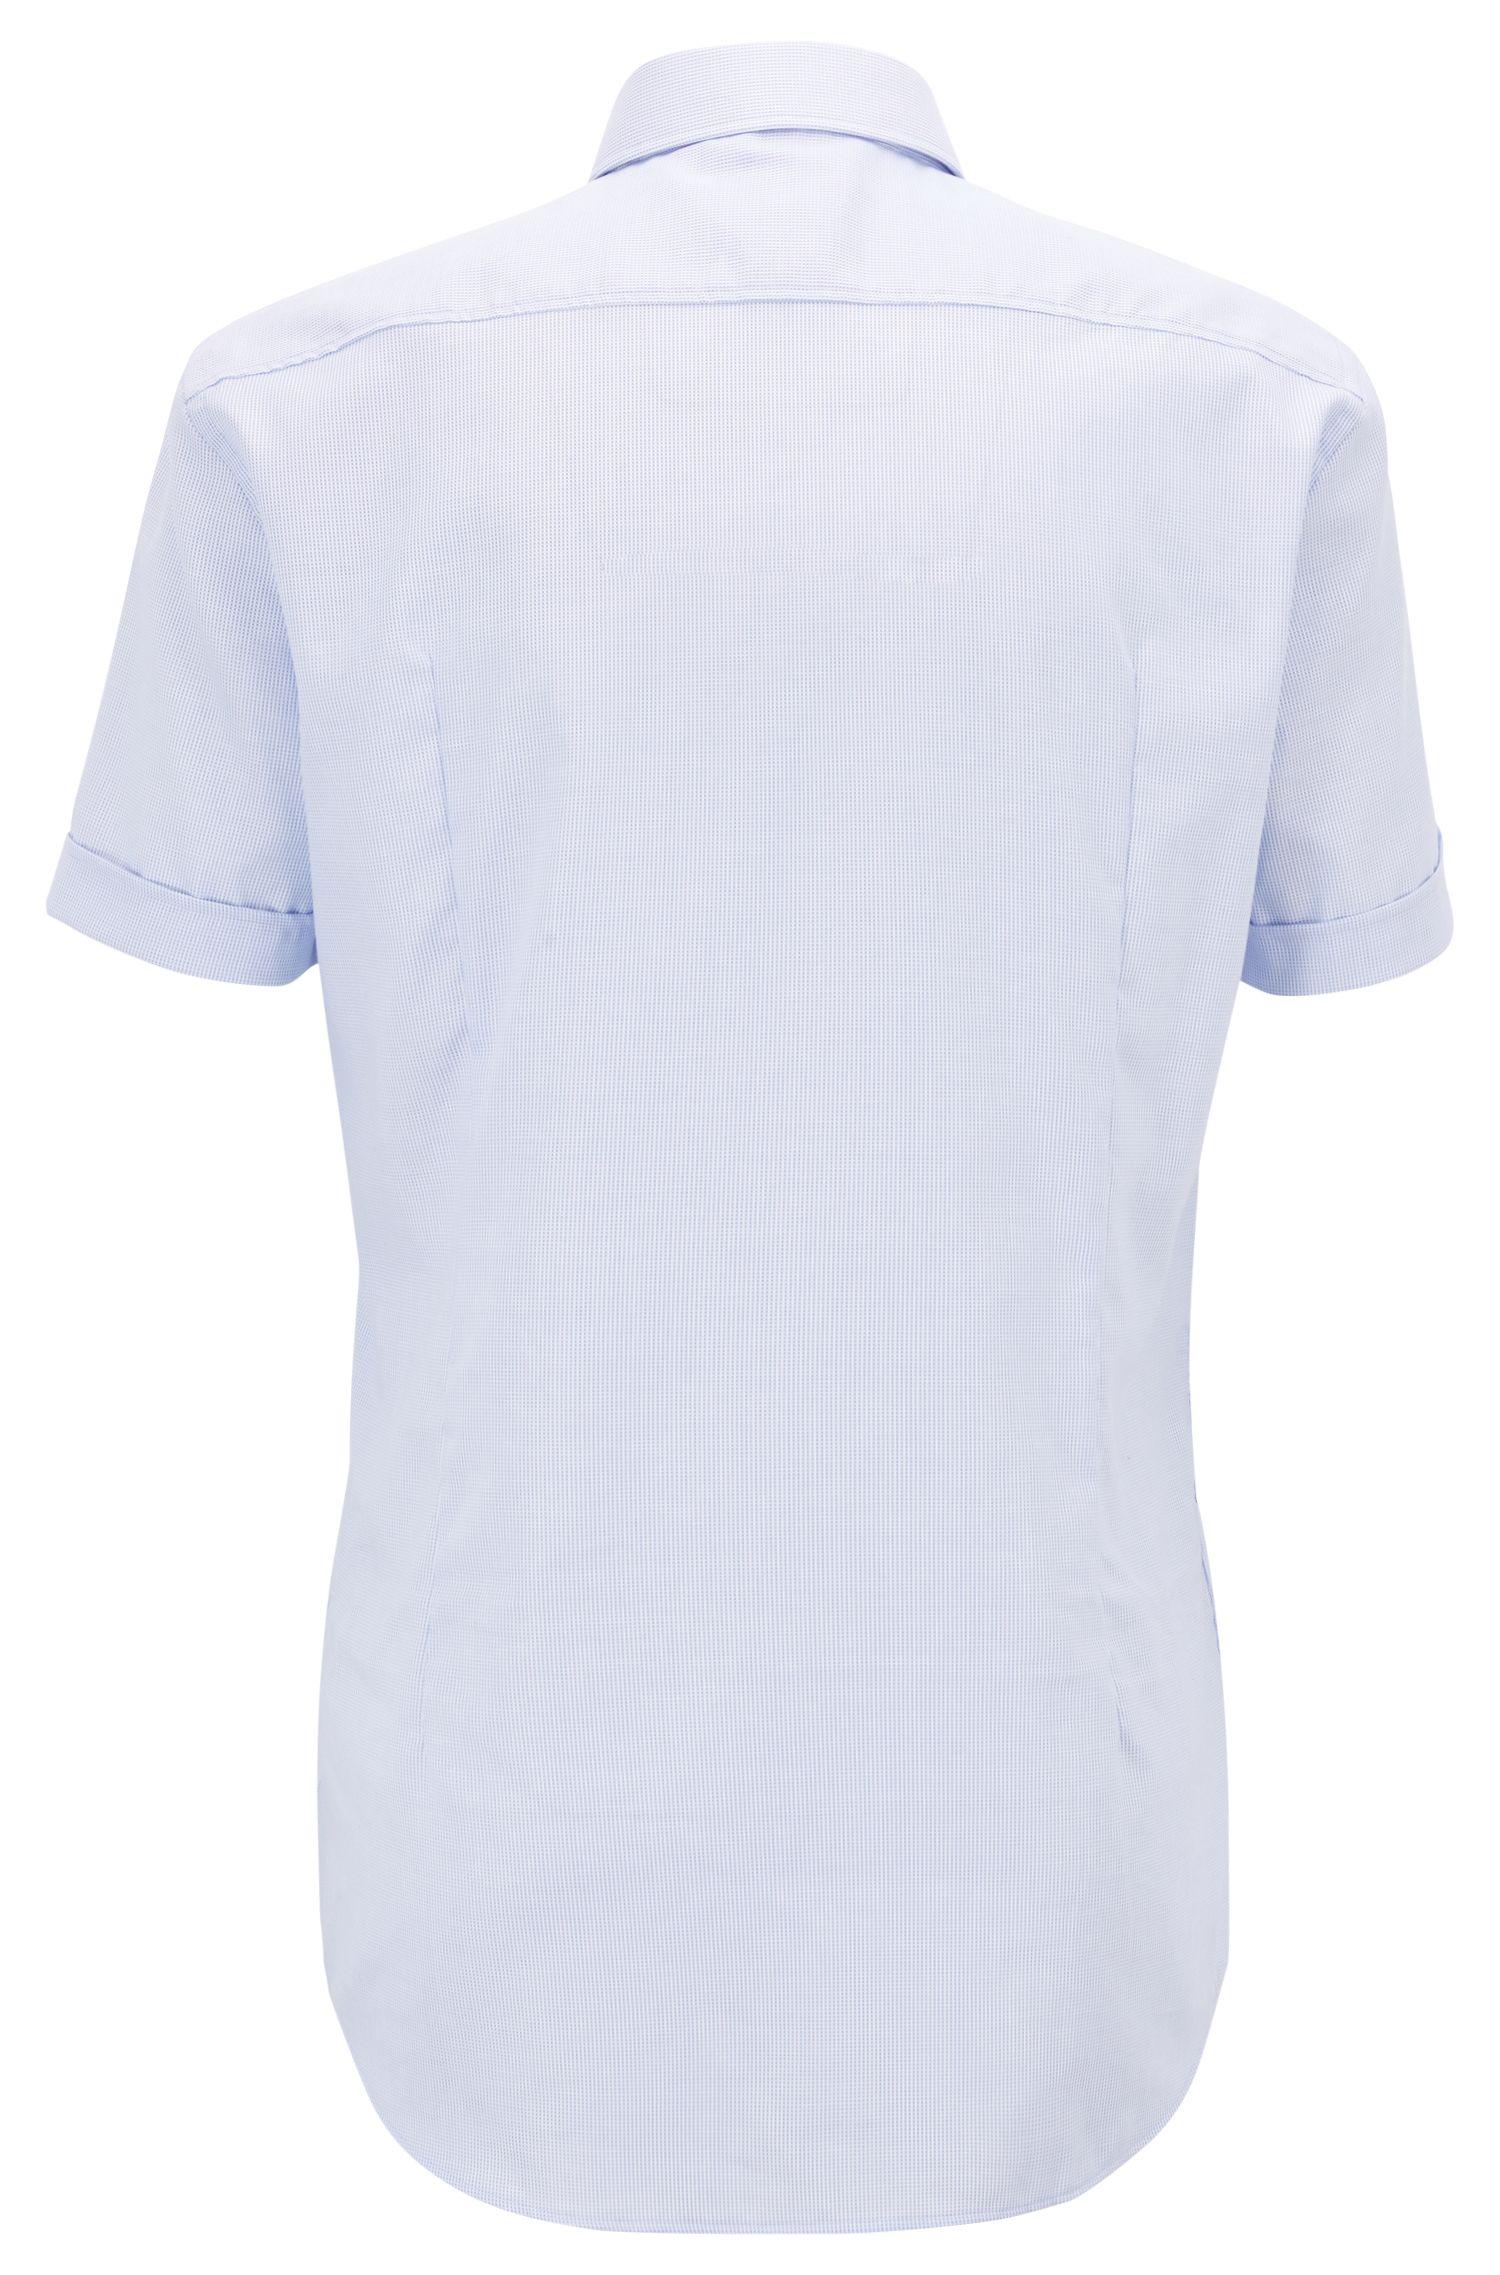 Camicia a maniche corte slim fit in cotone lavorato facile da stirare, Celeste